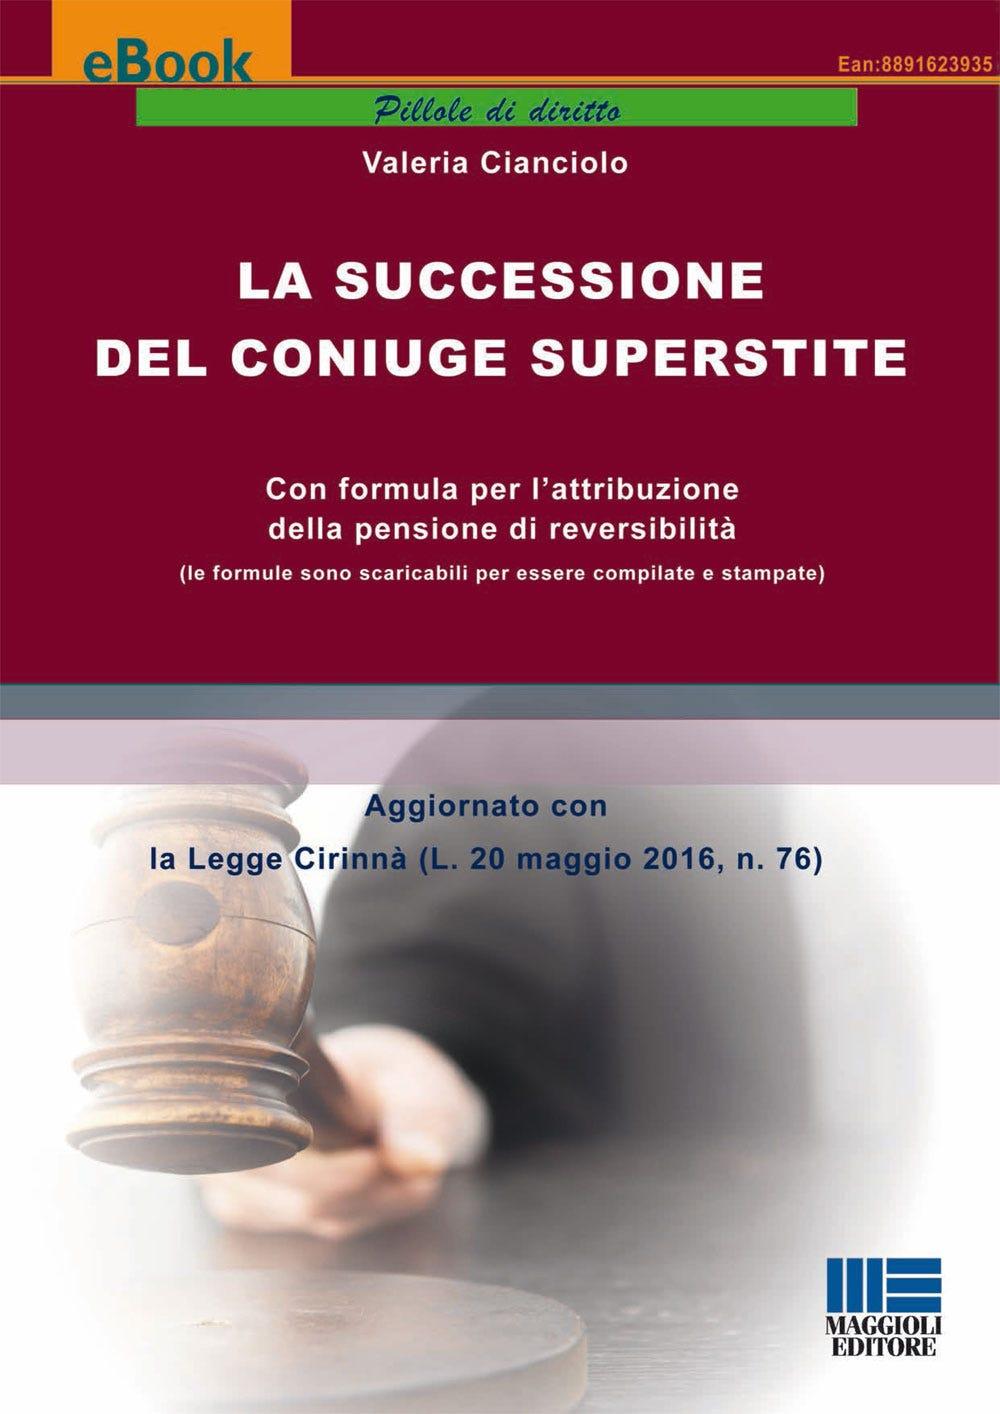 Successione La Del La Coniuge Coniuge Superstite Successione La Superstite Del 8wOvmn0N